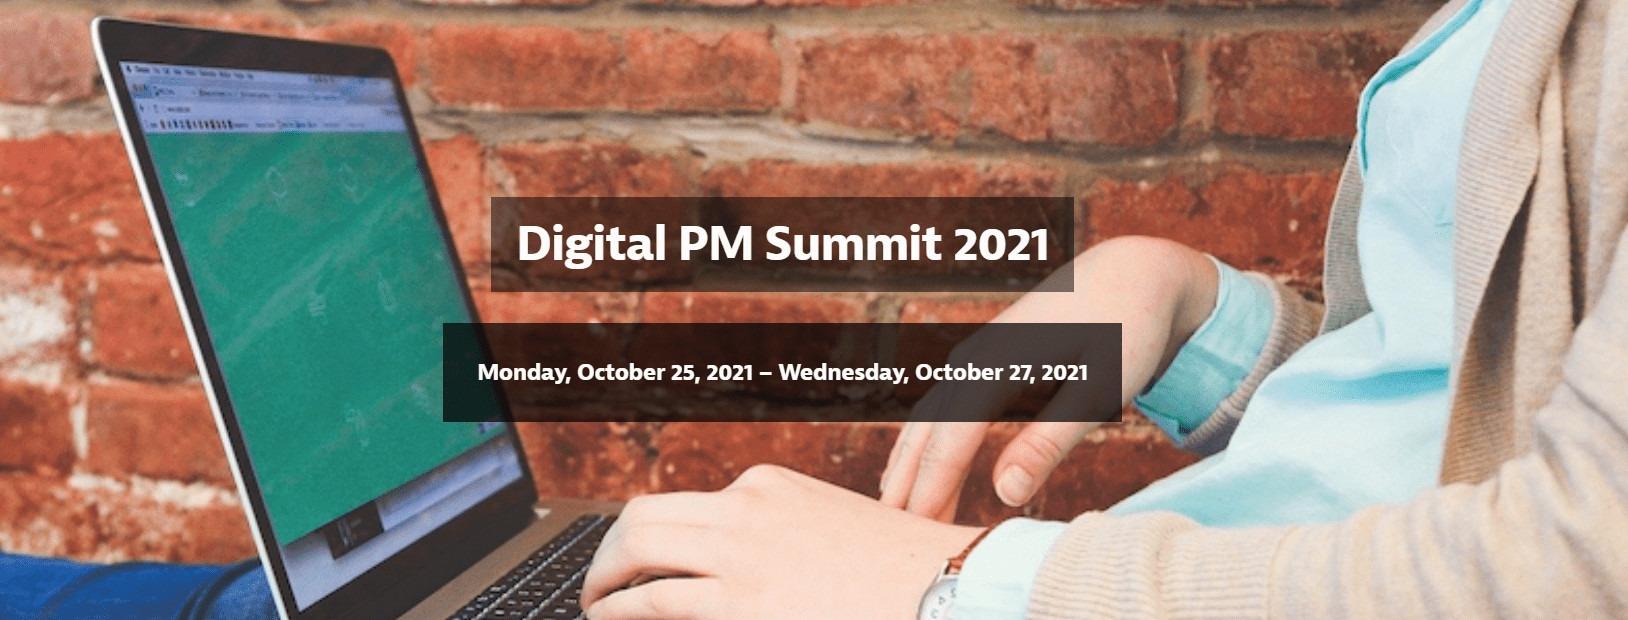 Konferencje informatyczne - Digital PM Summit 2021